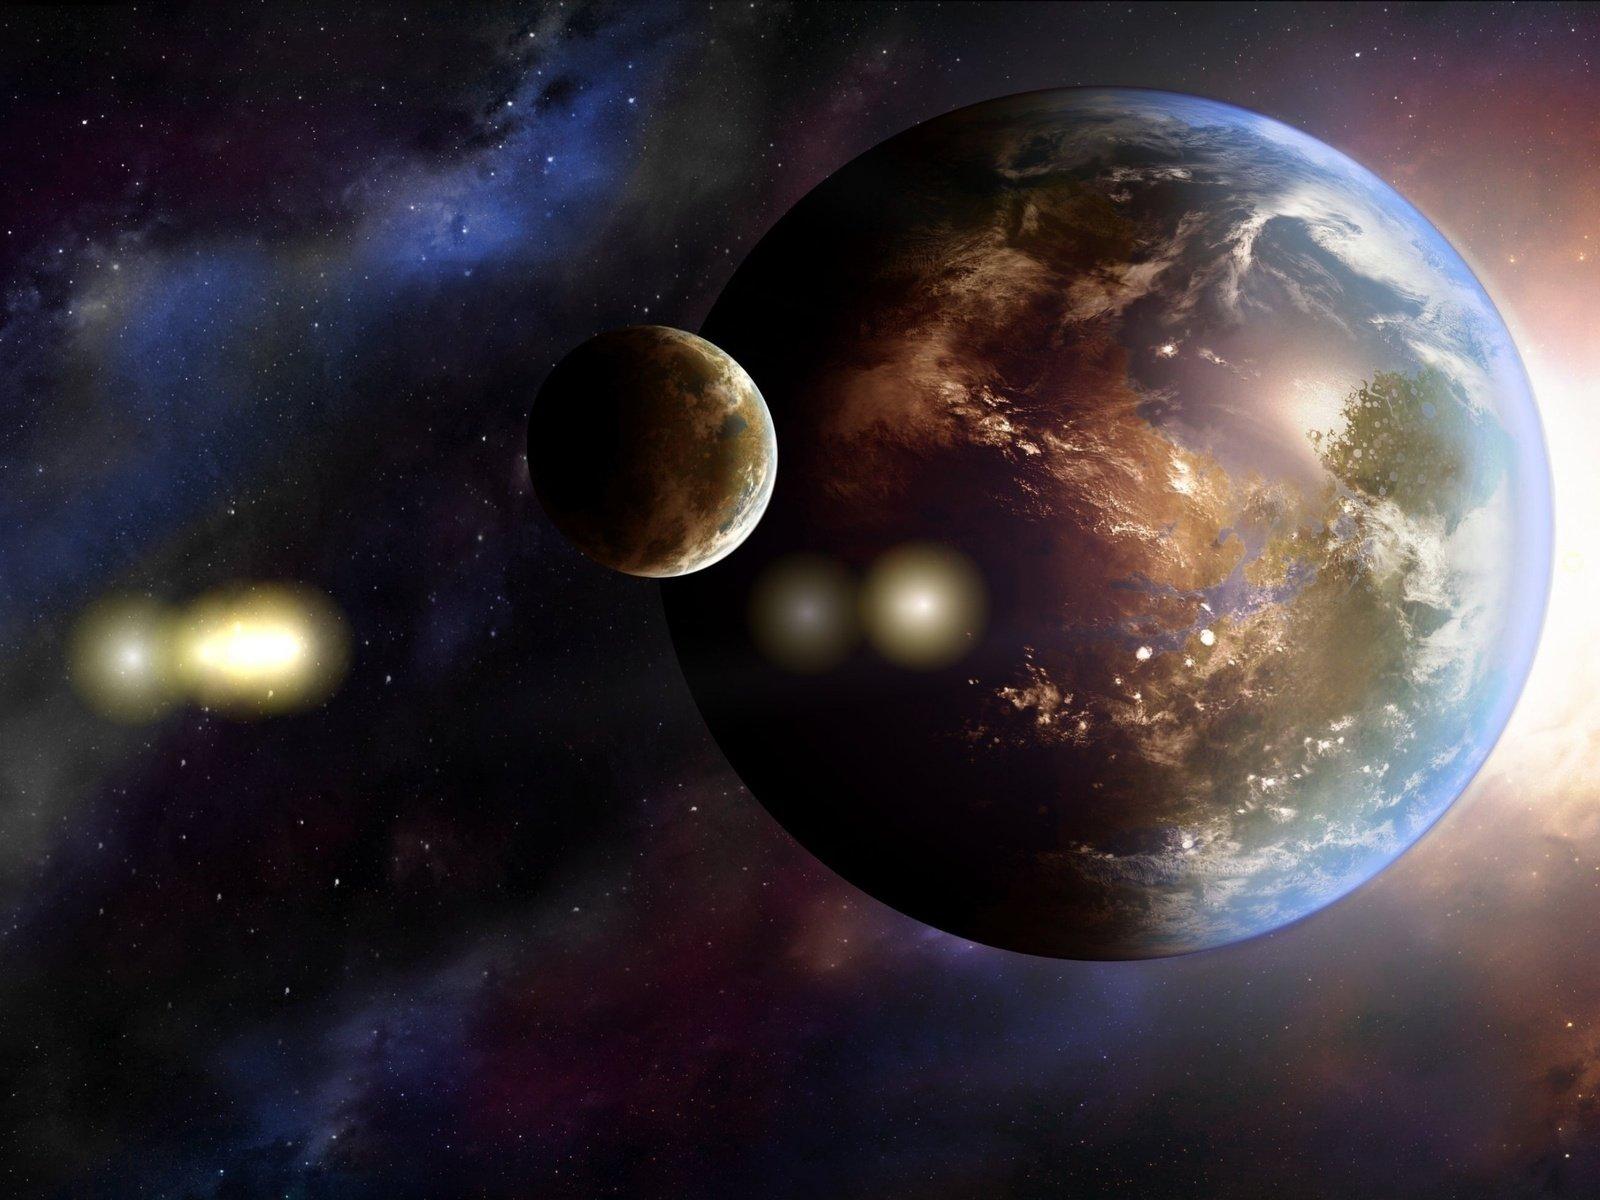 космос все картинки планет галактики боится жала, кому